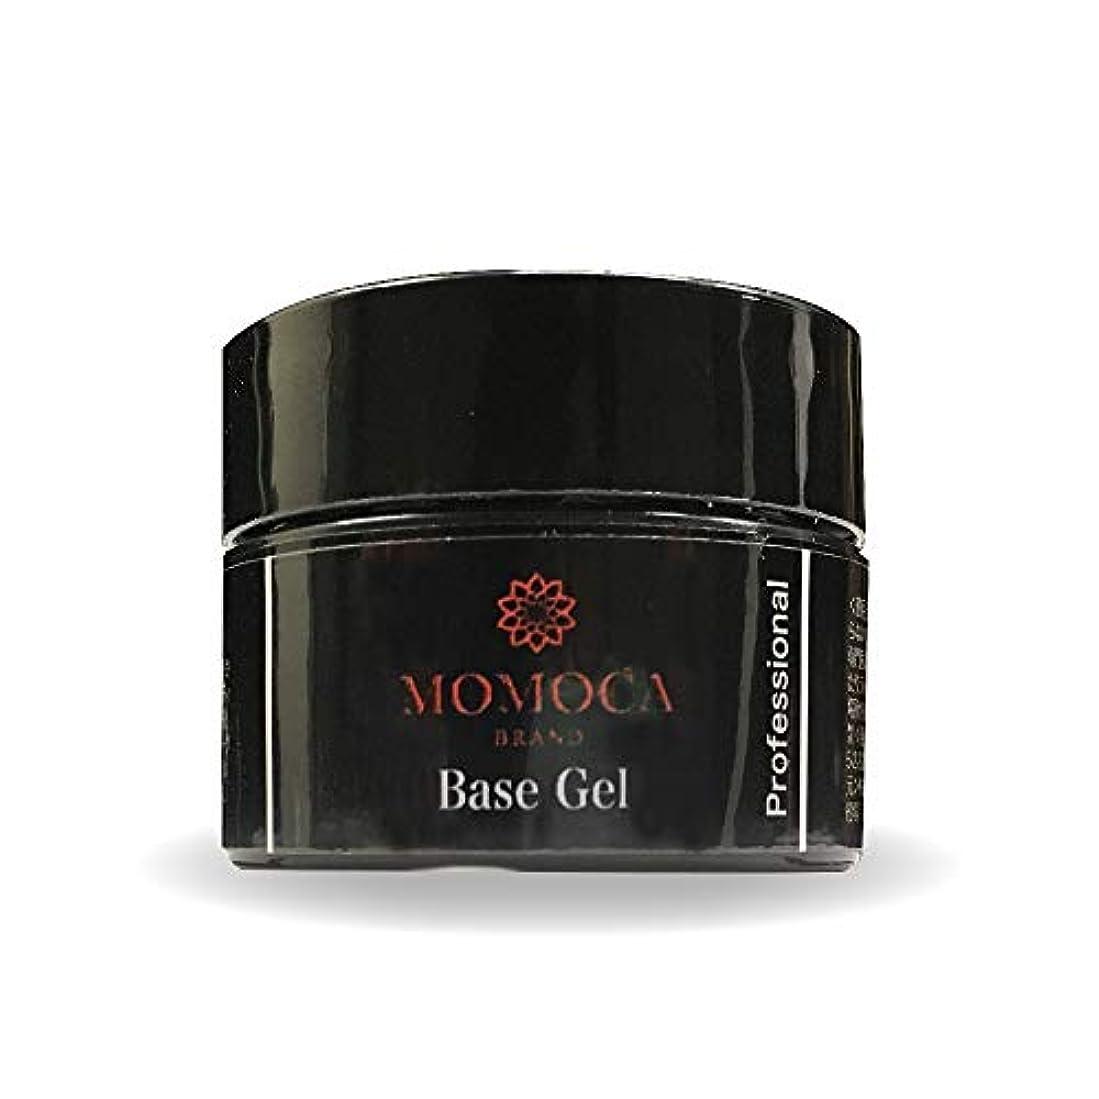 期待する吐き出す影響力のあるMOMOCA モモカ ジェルネイル サロン品質 高発色 長持ち プロ仕様 ネイルサロン ネイリスト (ベースジェル(プロ))